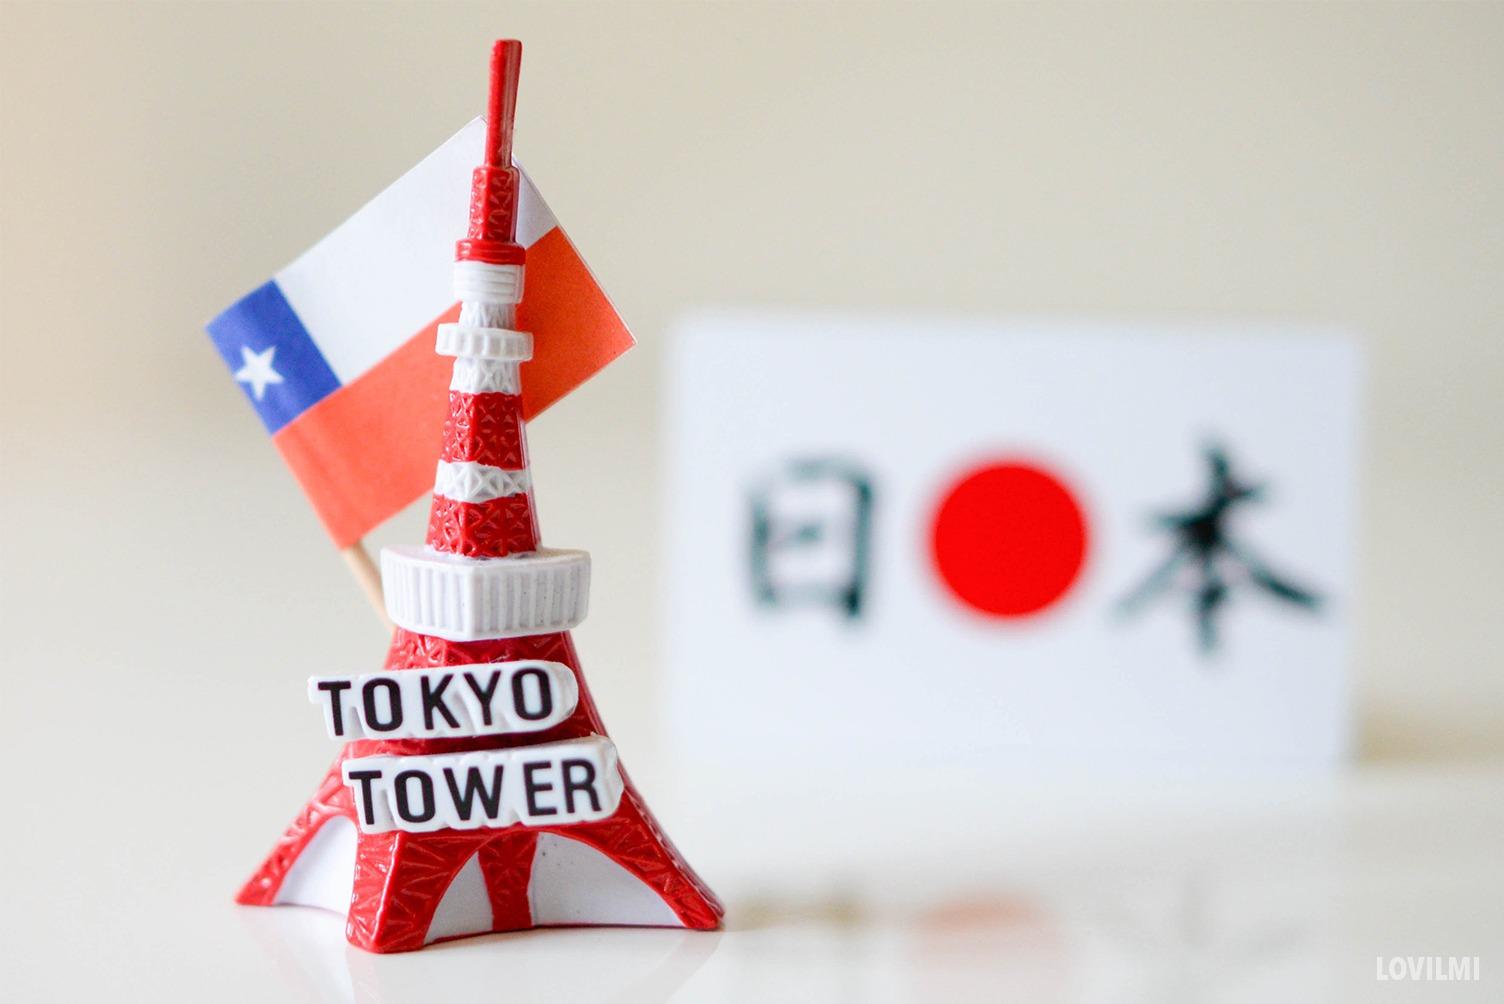 tokyotowerlogo1